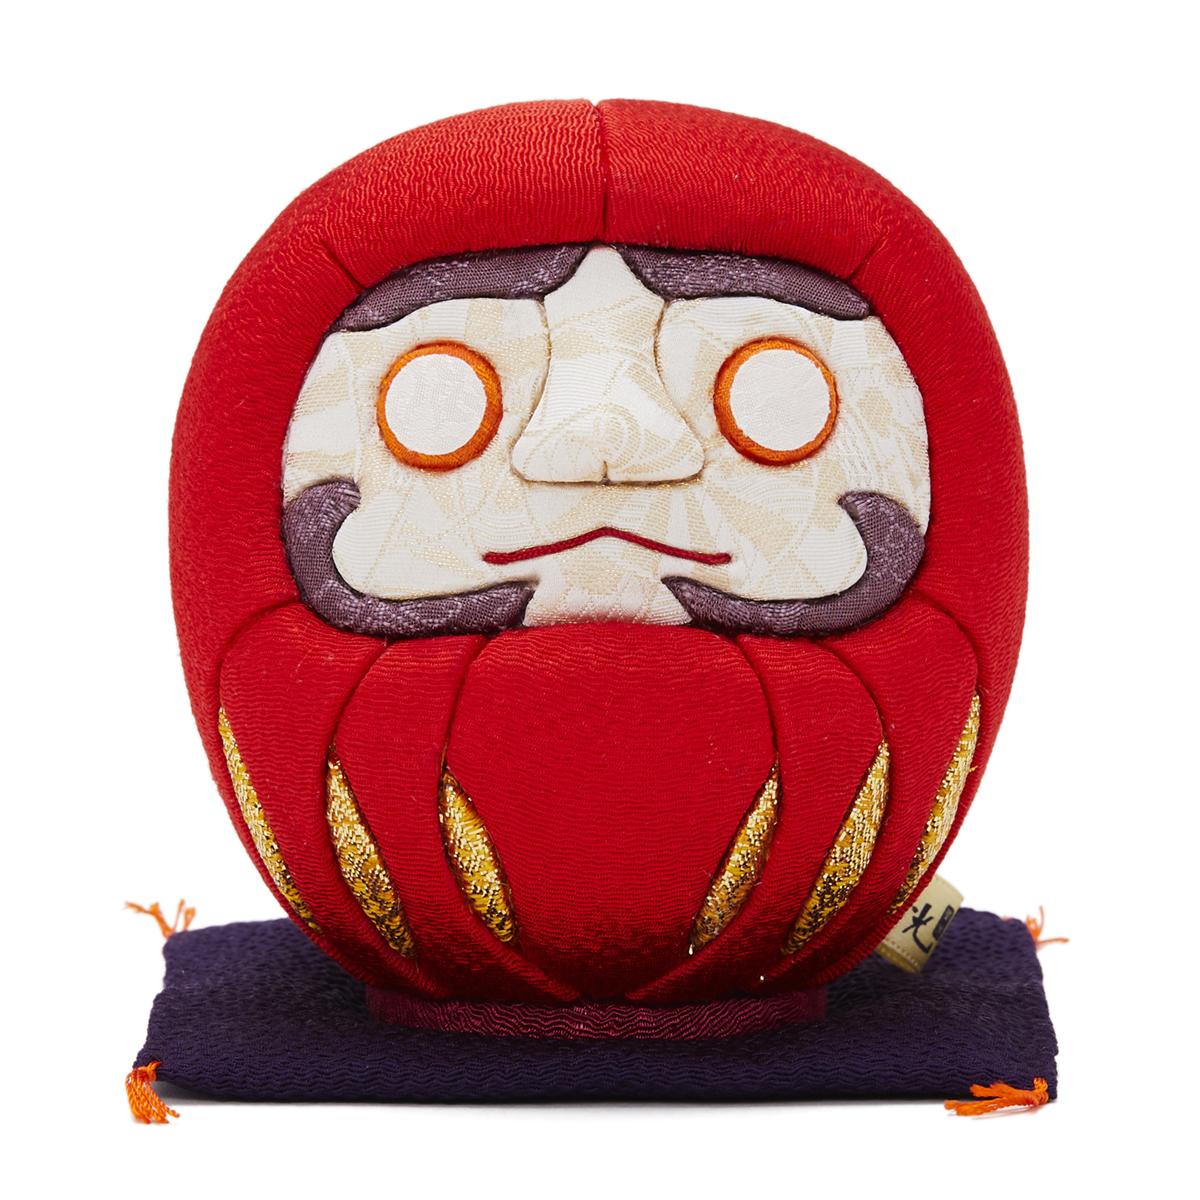 伝統の木目込み技術とモダンデザインが出逢った願掛けだるま 風水・赤|柿沼人形